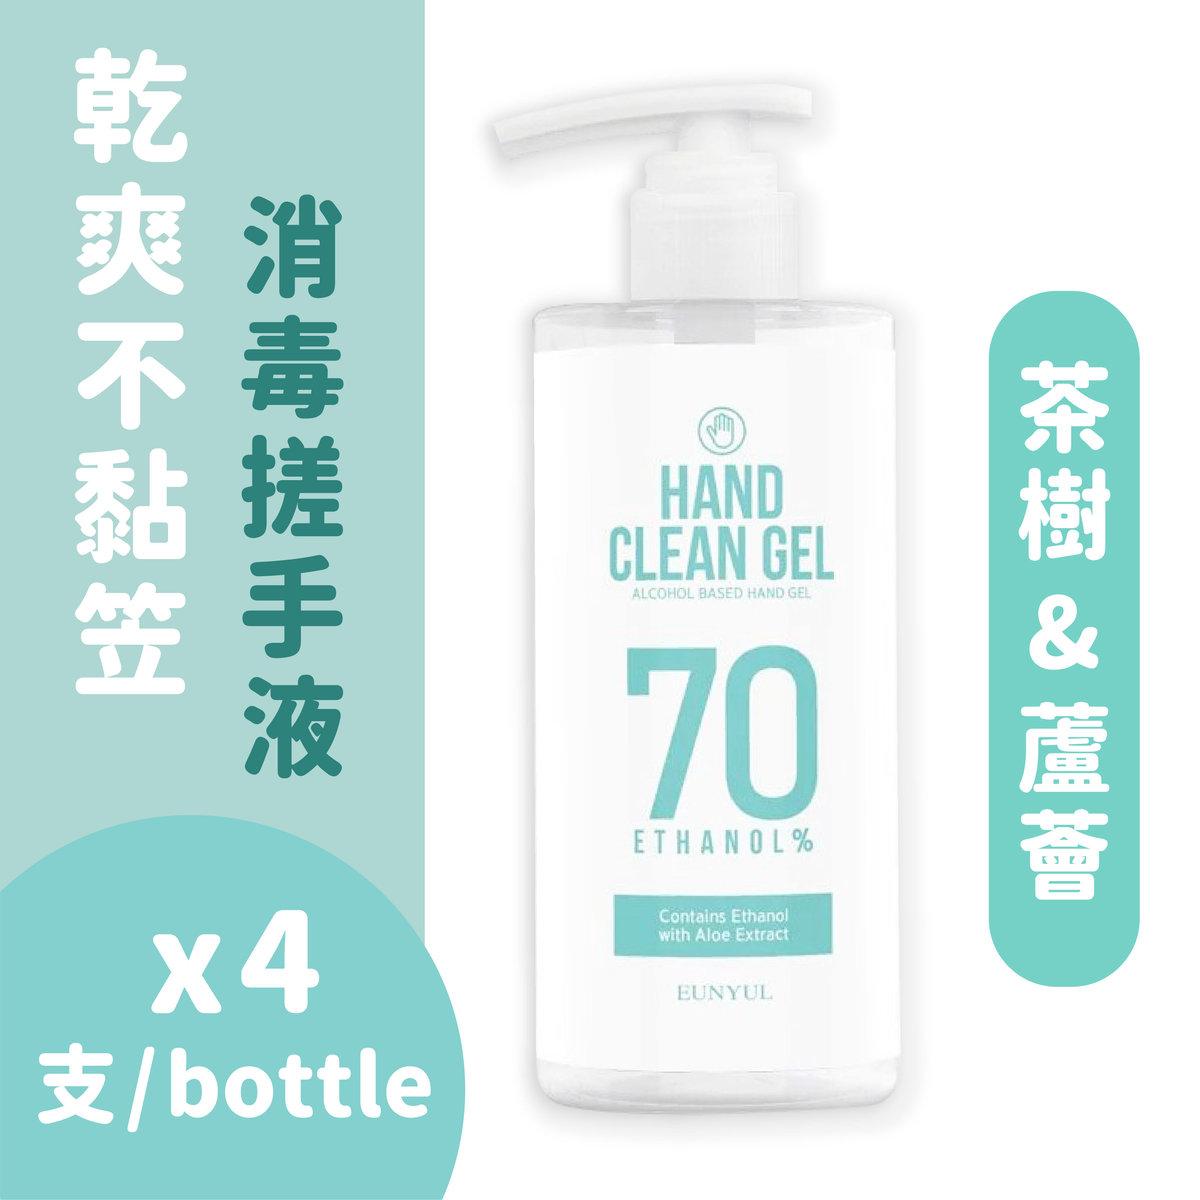 70%酒精 免沖洗蘆薈搓手啫喱搓手液 300ml (白色)(平行進口)【x4支】